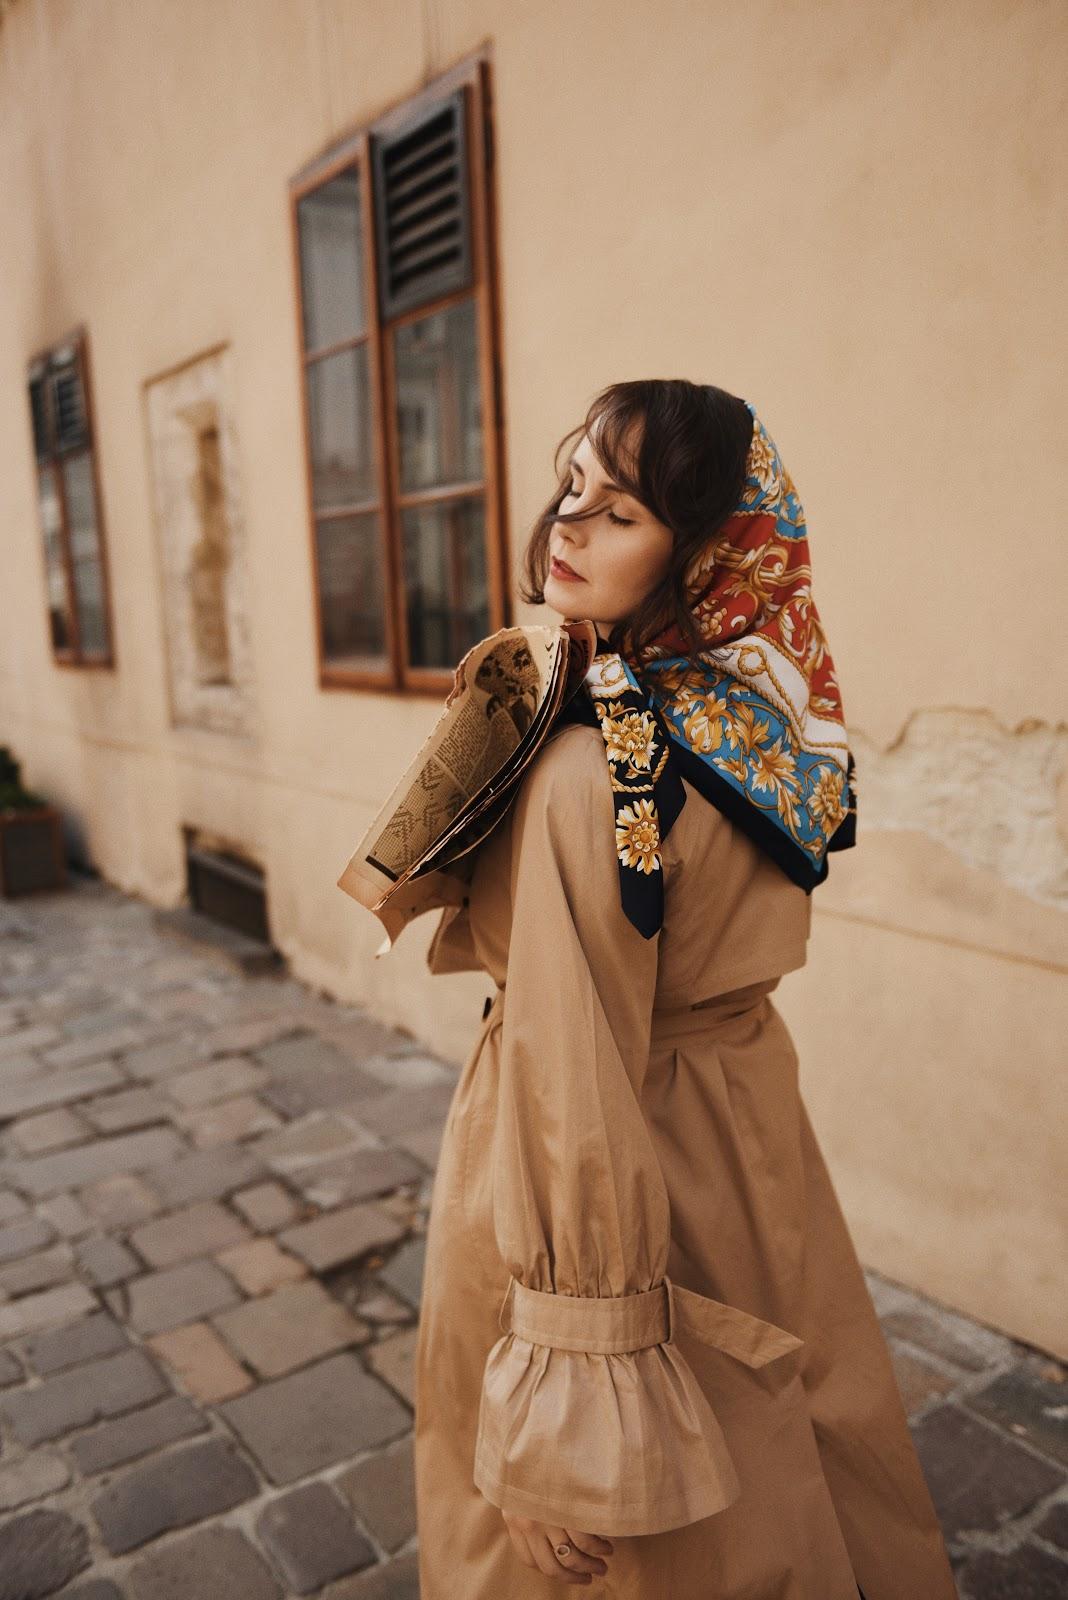 W poszukiwaniu włoskiej duszy CAMMY Blog o modzie